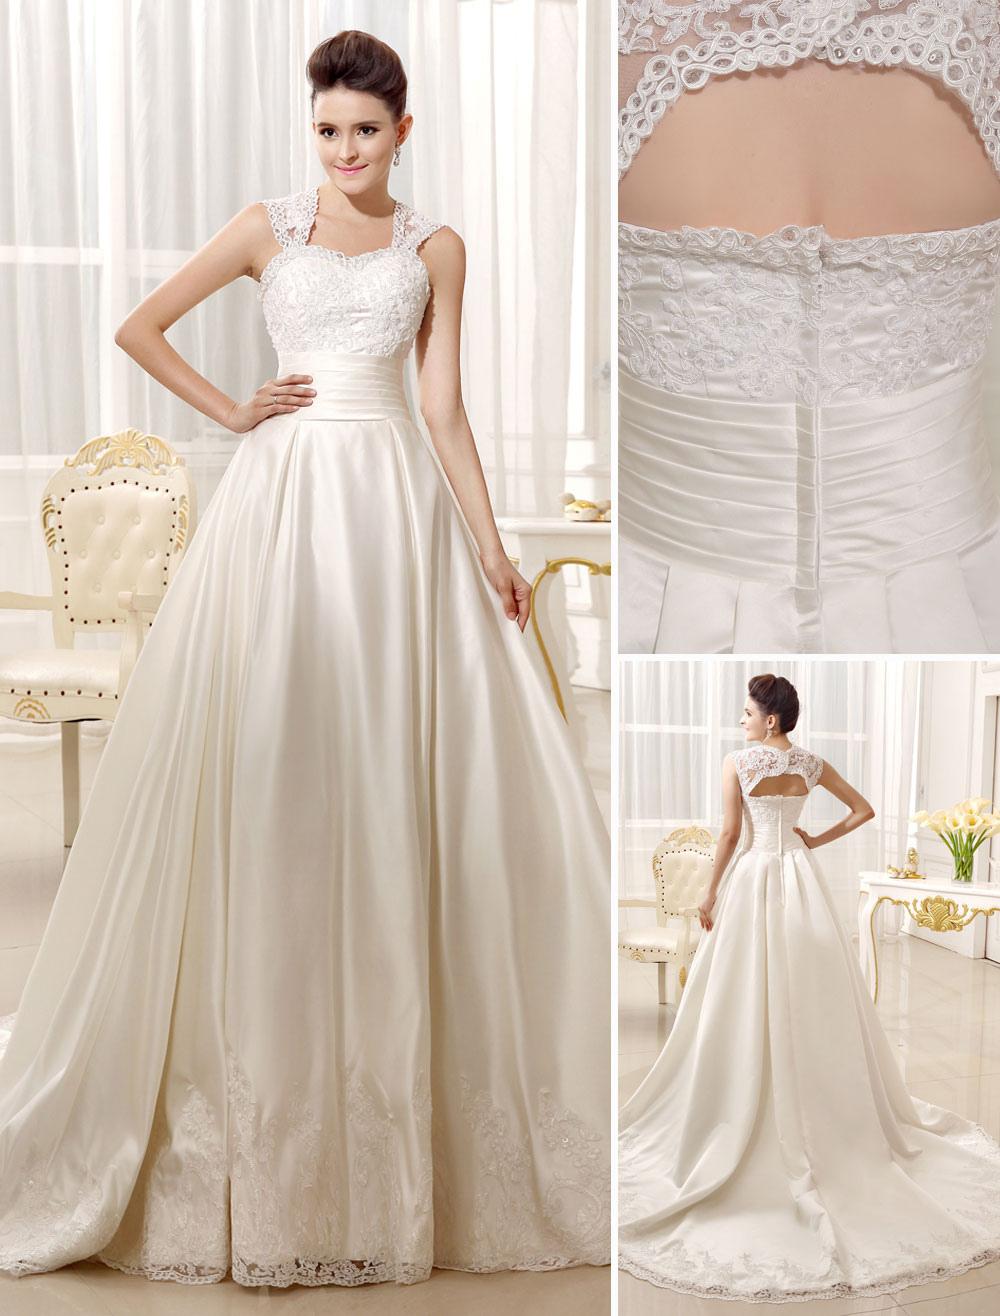 b55a493f0 Vestido de novia de satén con escote en corazón y adorno arrugado de ...